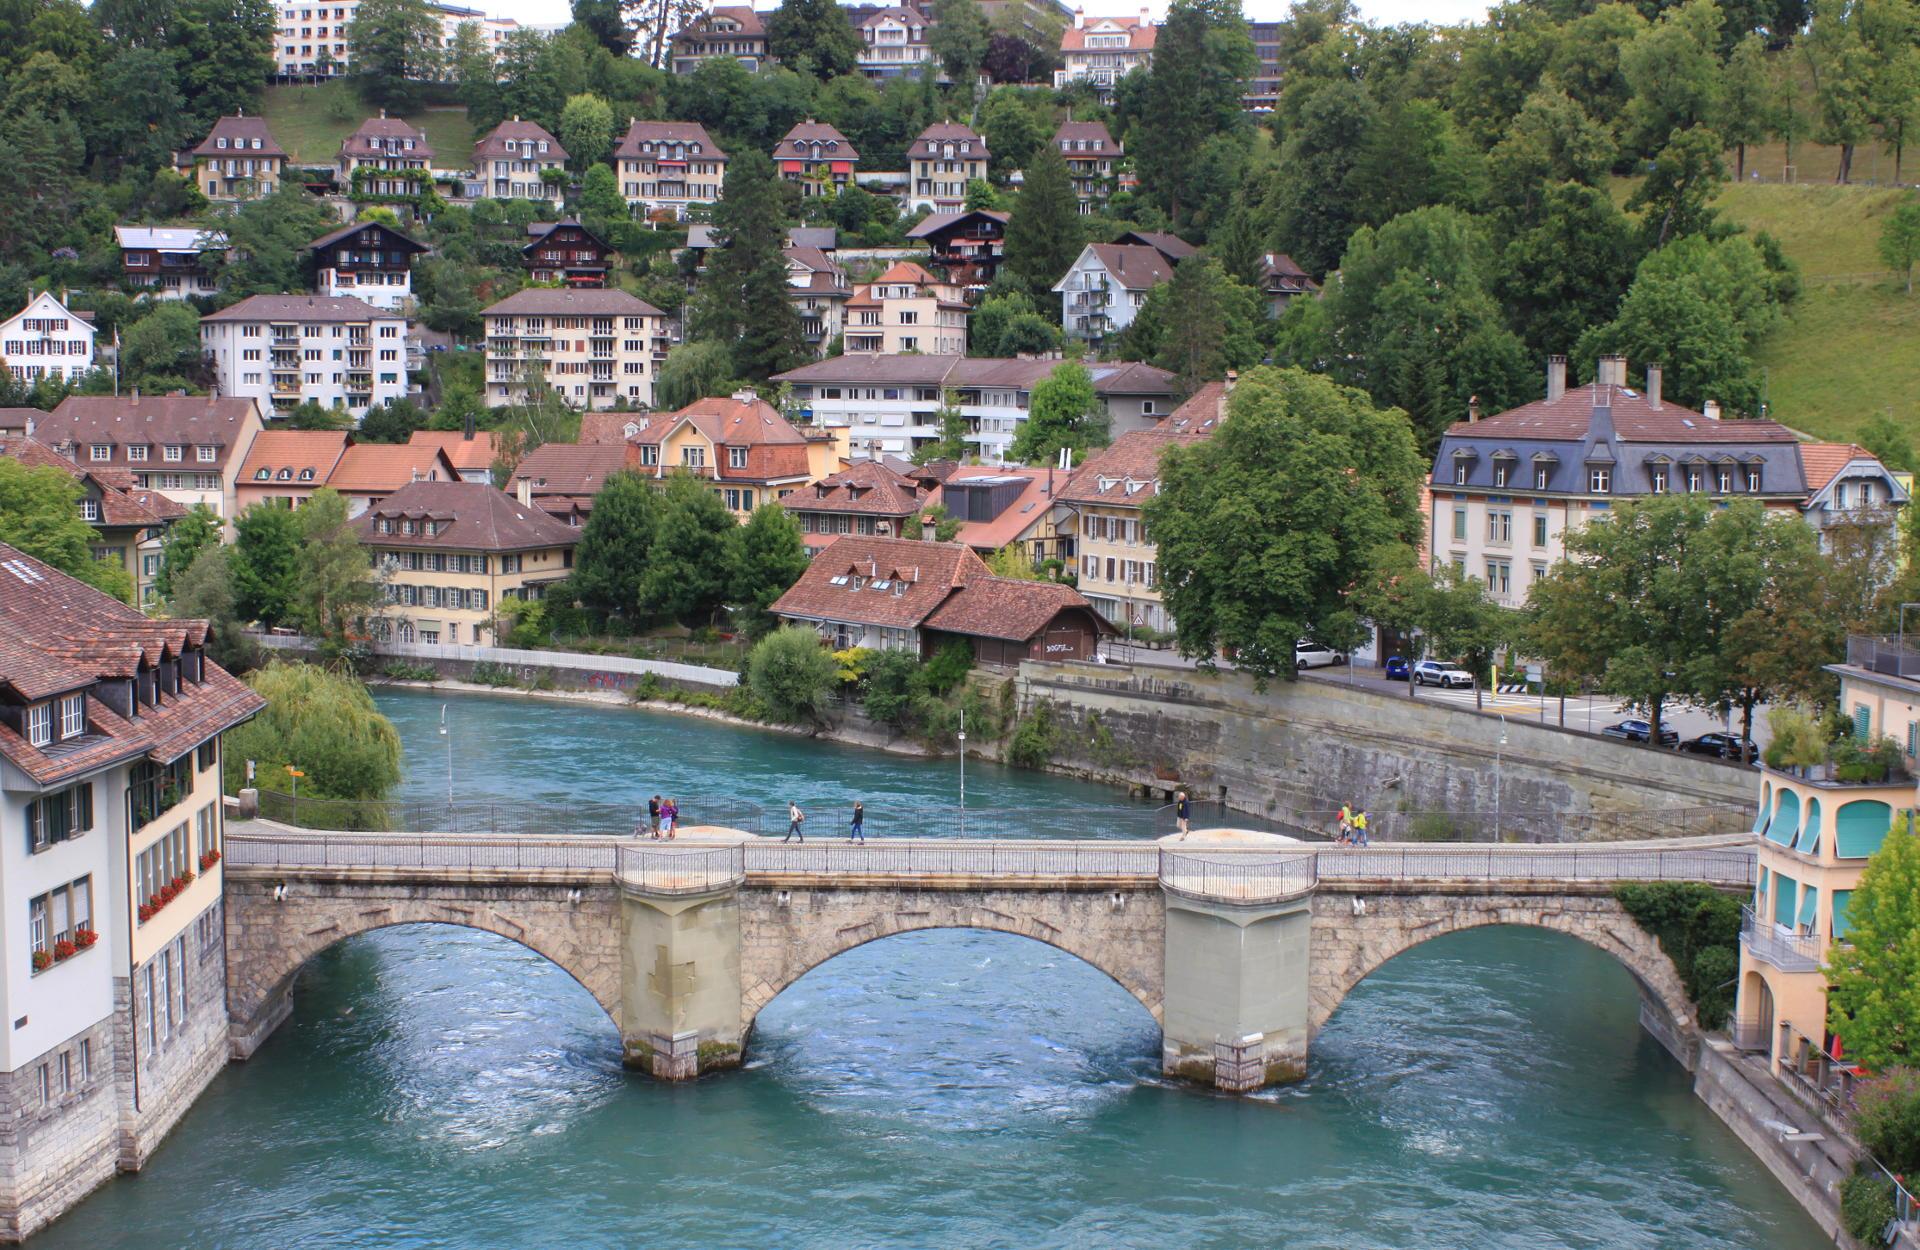 szwajcaria berno bern rzeka aare most staremiasto stolica iglawpodrozy